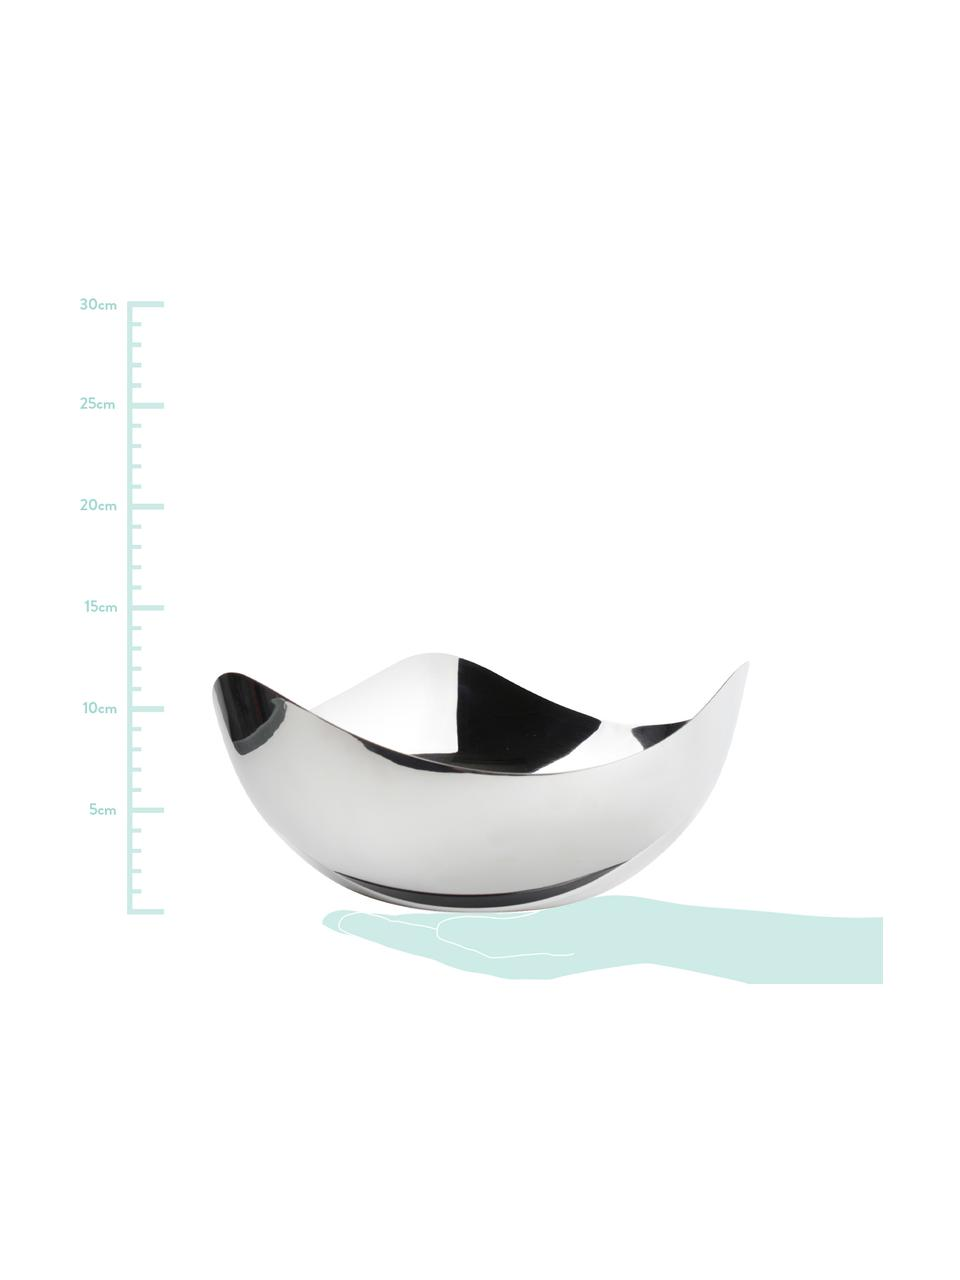 Glänzende Schale Tris aus Edelstahl, Edelstahl, glänzend, Edelstahl, Ø 24 x H 11 cm